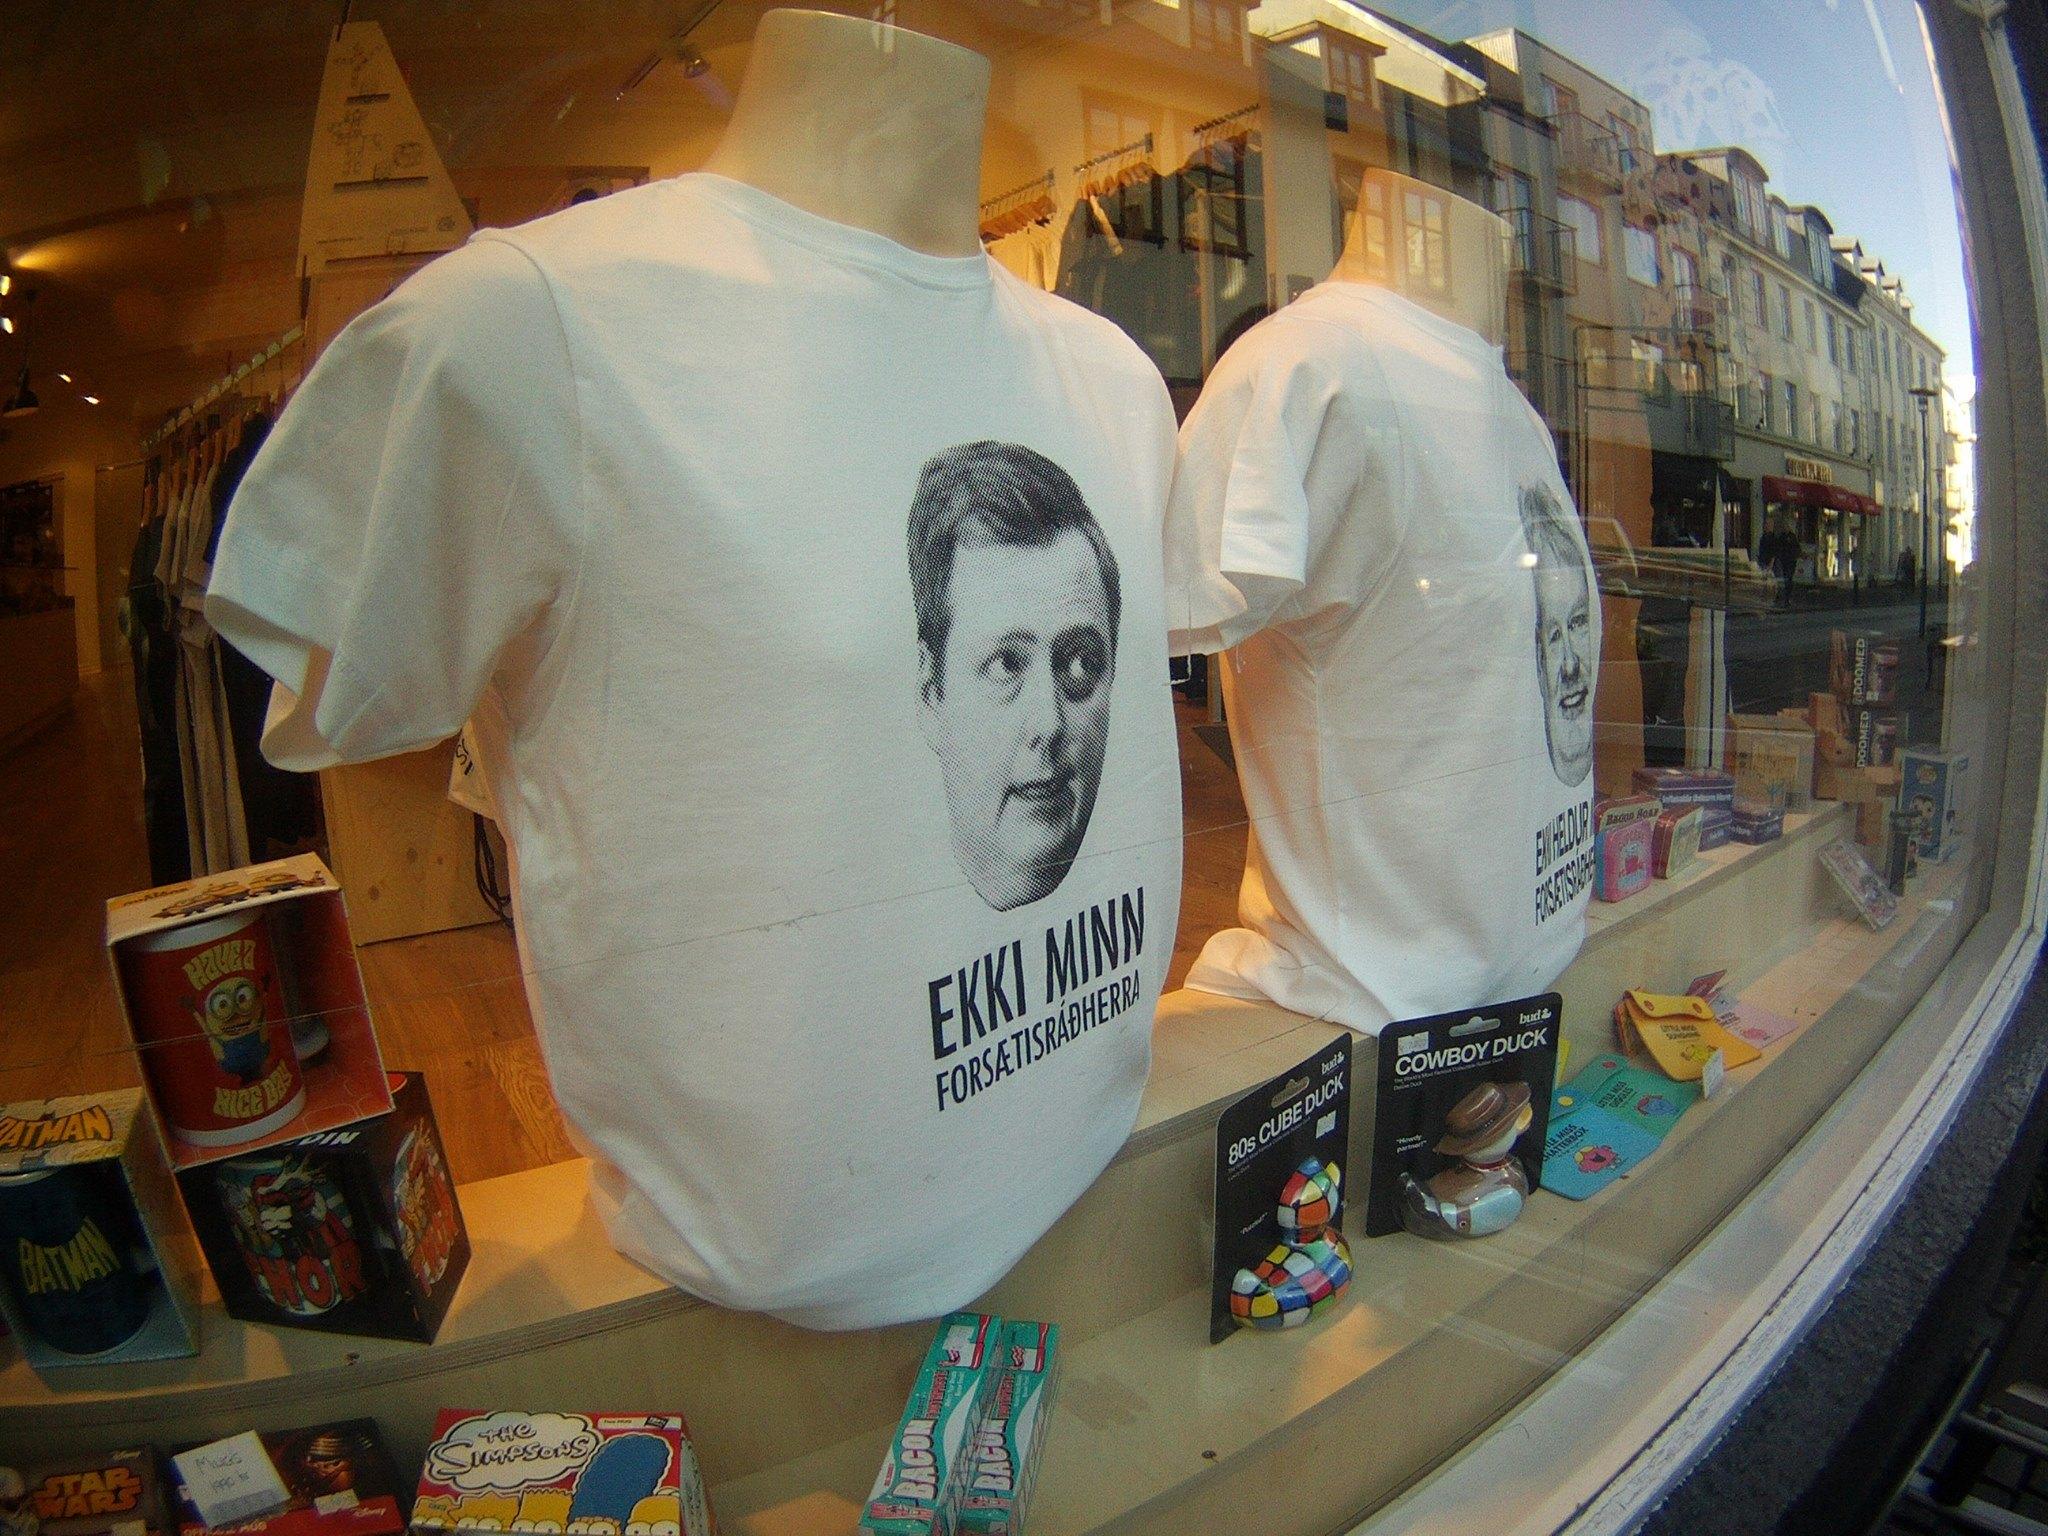 Des t-shirts à l'effigie du Premier ministre Sigmundur Davíð Gunnlaugsson avec la mention «pas mon premier ministre». Crédit : Solveig Veyssiere